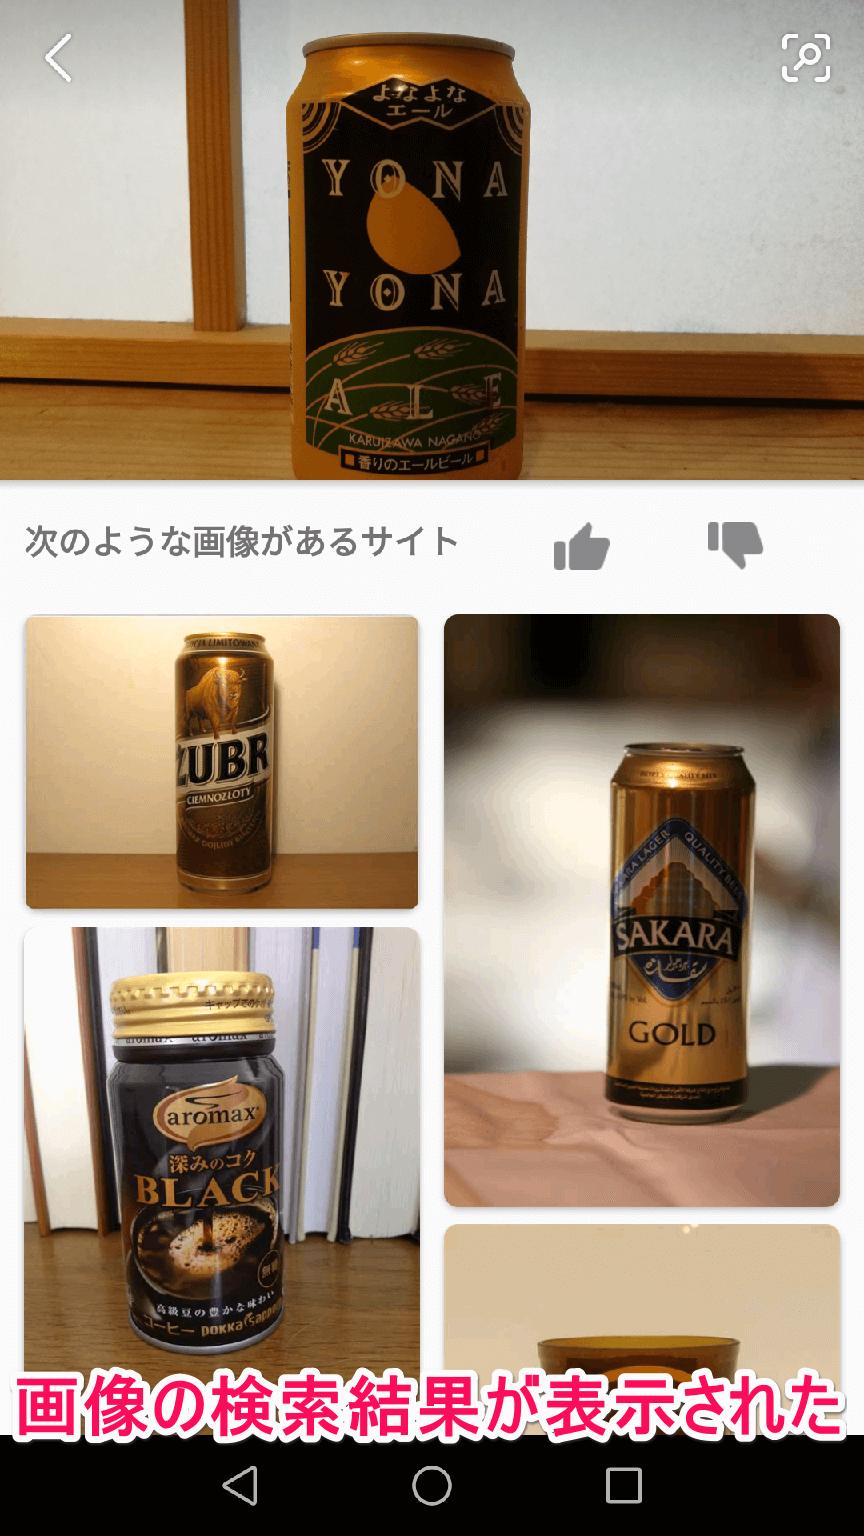 Android版(アンドロイド版)の「Bing」(ビング)アプリで画像検索の結果画面